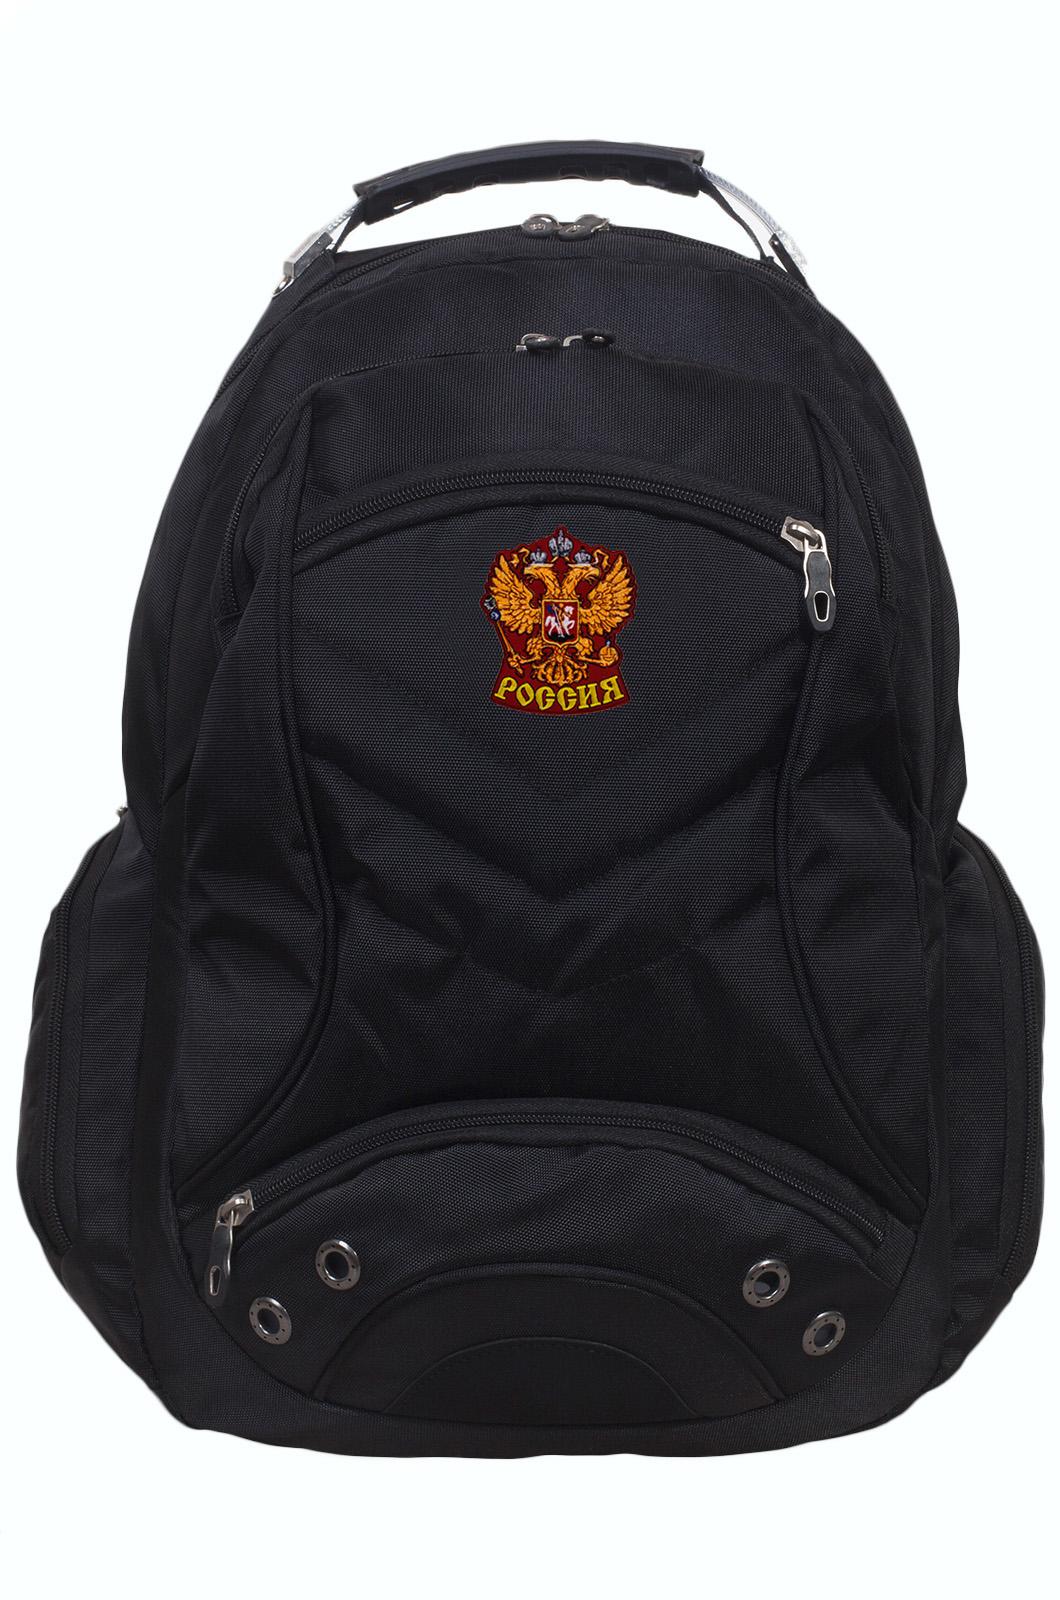 Рюкзак для города и спорта с шевроном Герб России